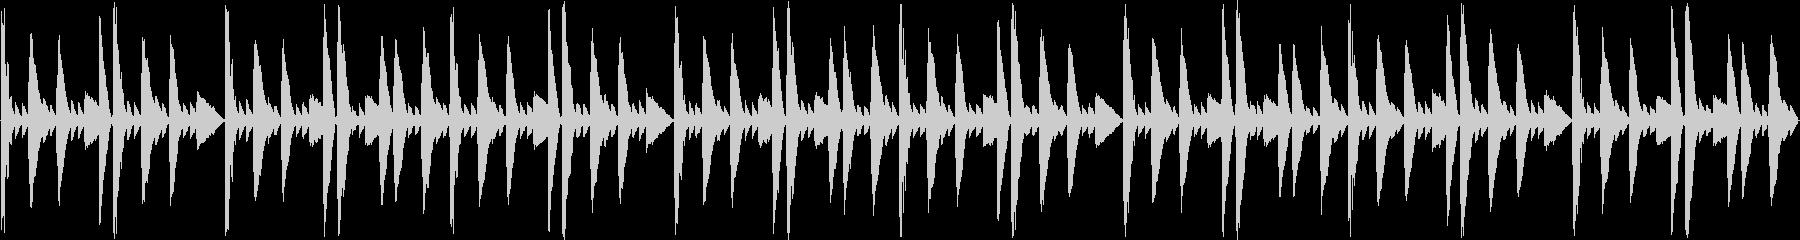 【超シンプル】セレクト(選択)画面の未再生の波形